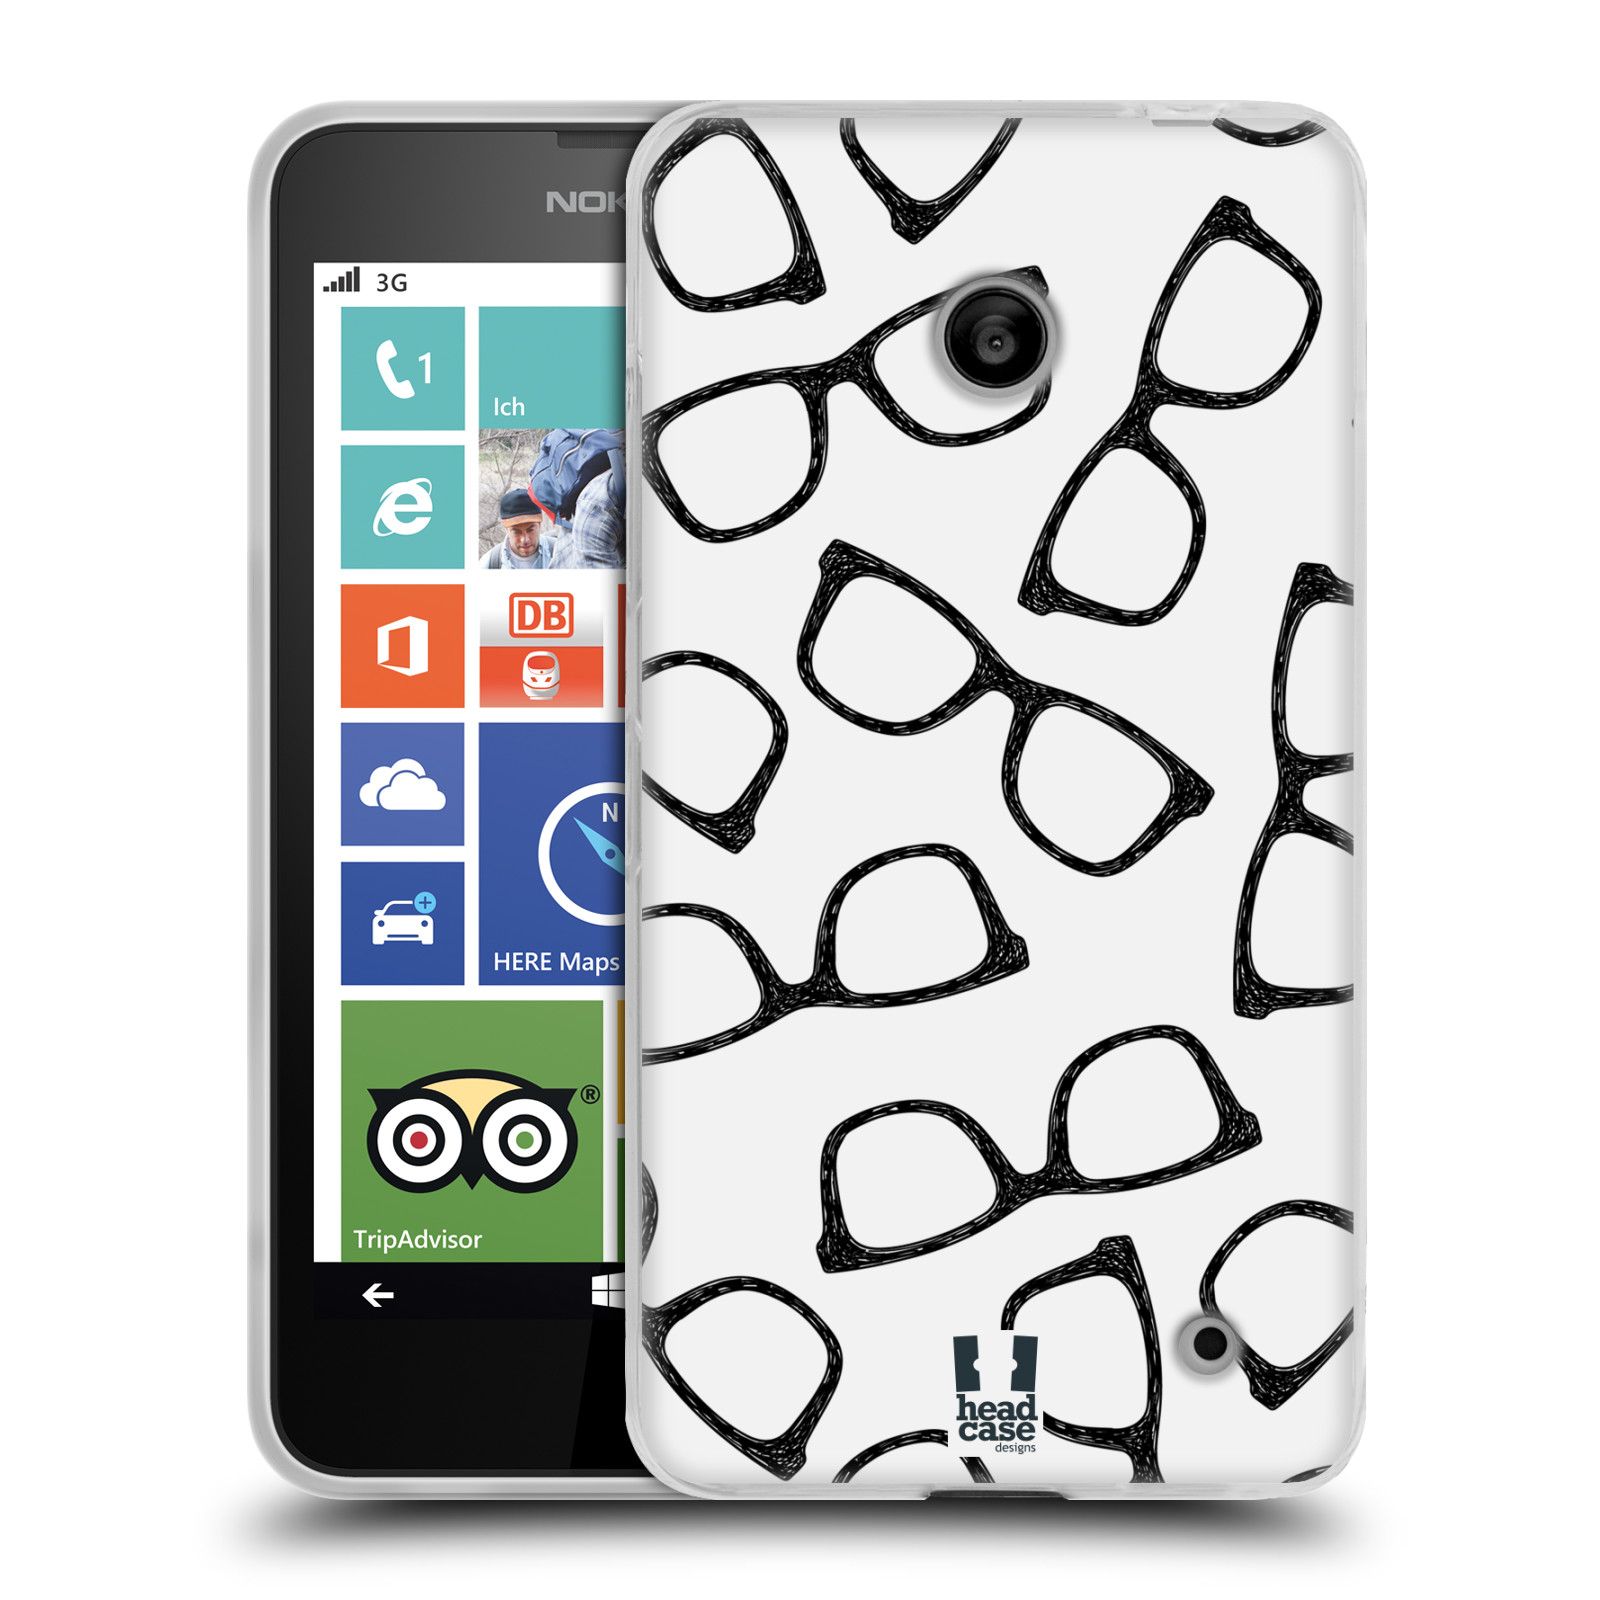 Silikonové pouzdro na mobil Nokia Lumia 630 HEAD CASE HIPSTER BRÝLE (Silikonový kryt či obal na mobilní telefon Nokia Lumia 630 a Nokia Lumia 630 Dual SIM)